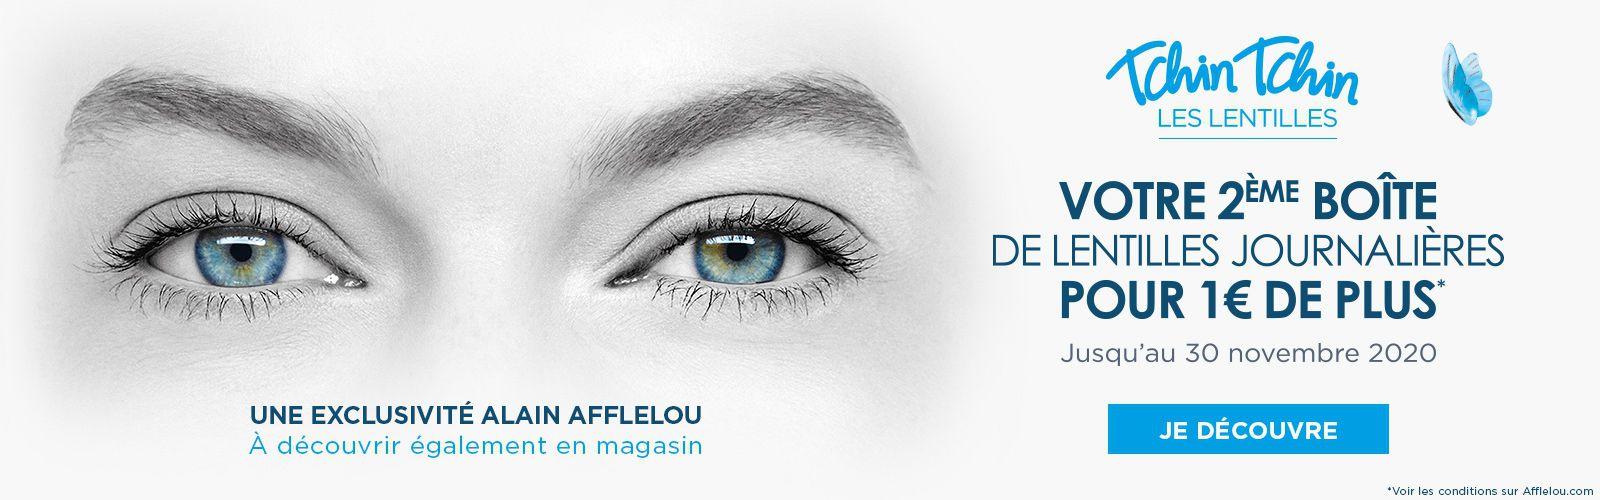 image swiper Afflelou 3